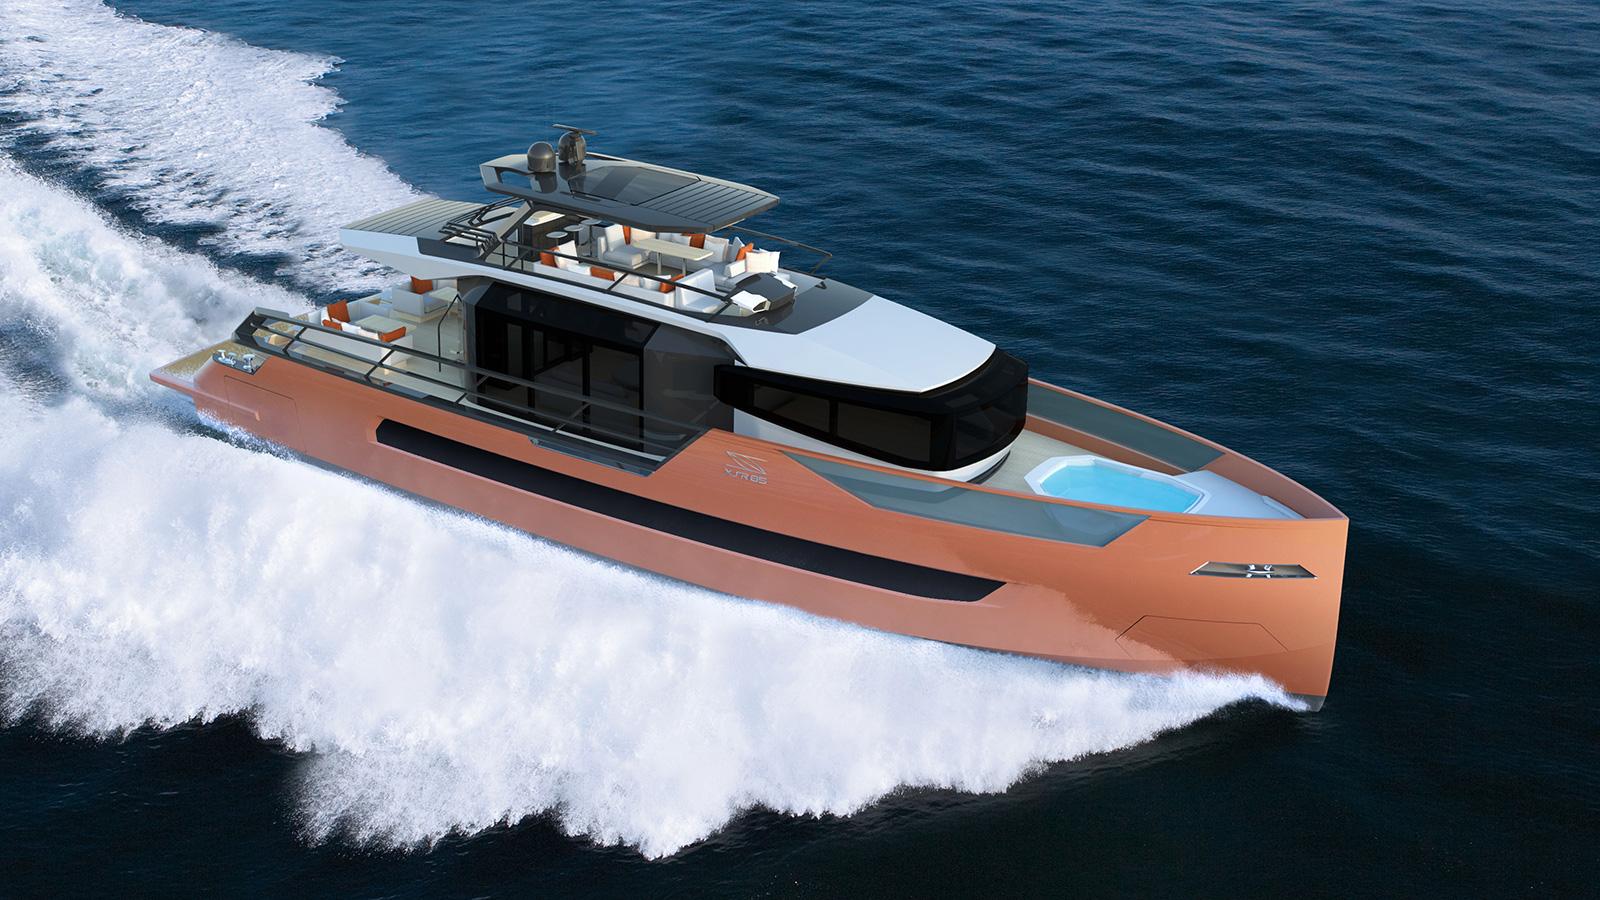 running-shot-of-the-sarp-yachts-xsr-85